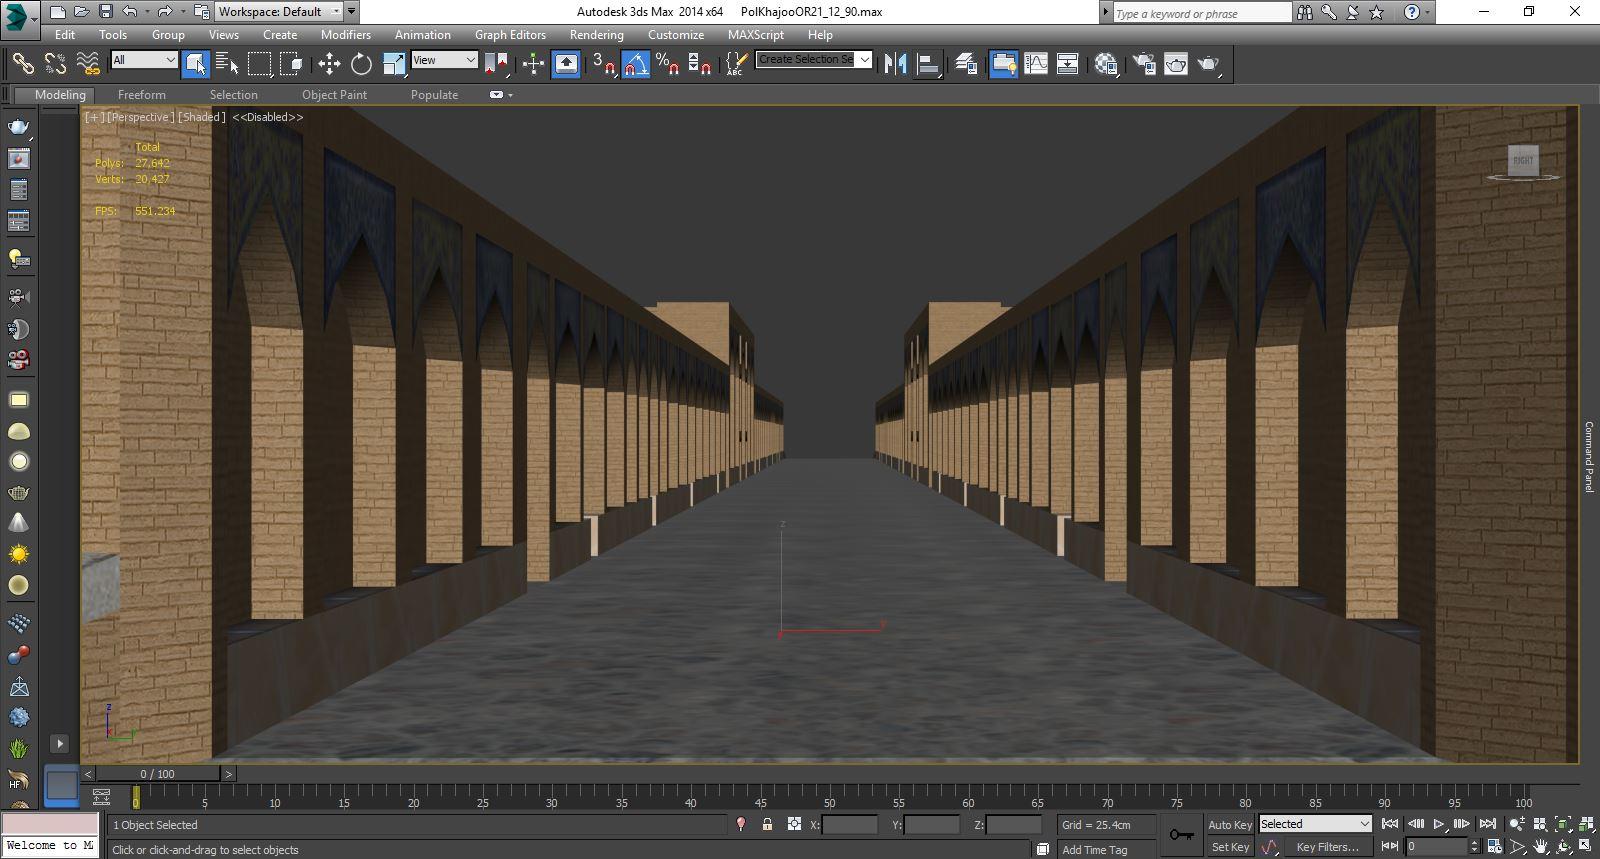 عکس های نمونه درباره پل خواجو به صورت تری دی